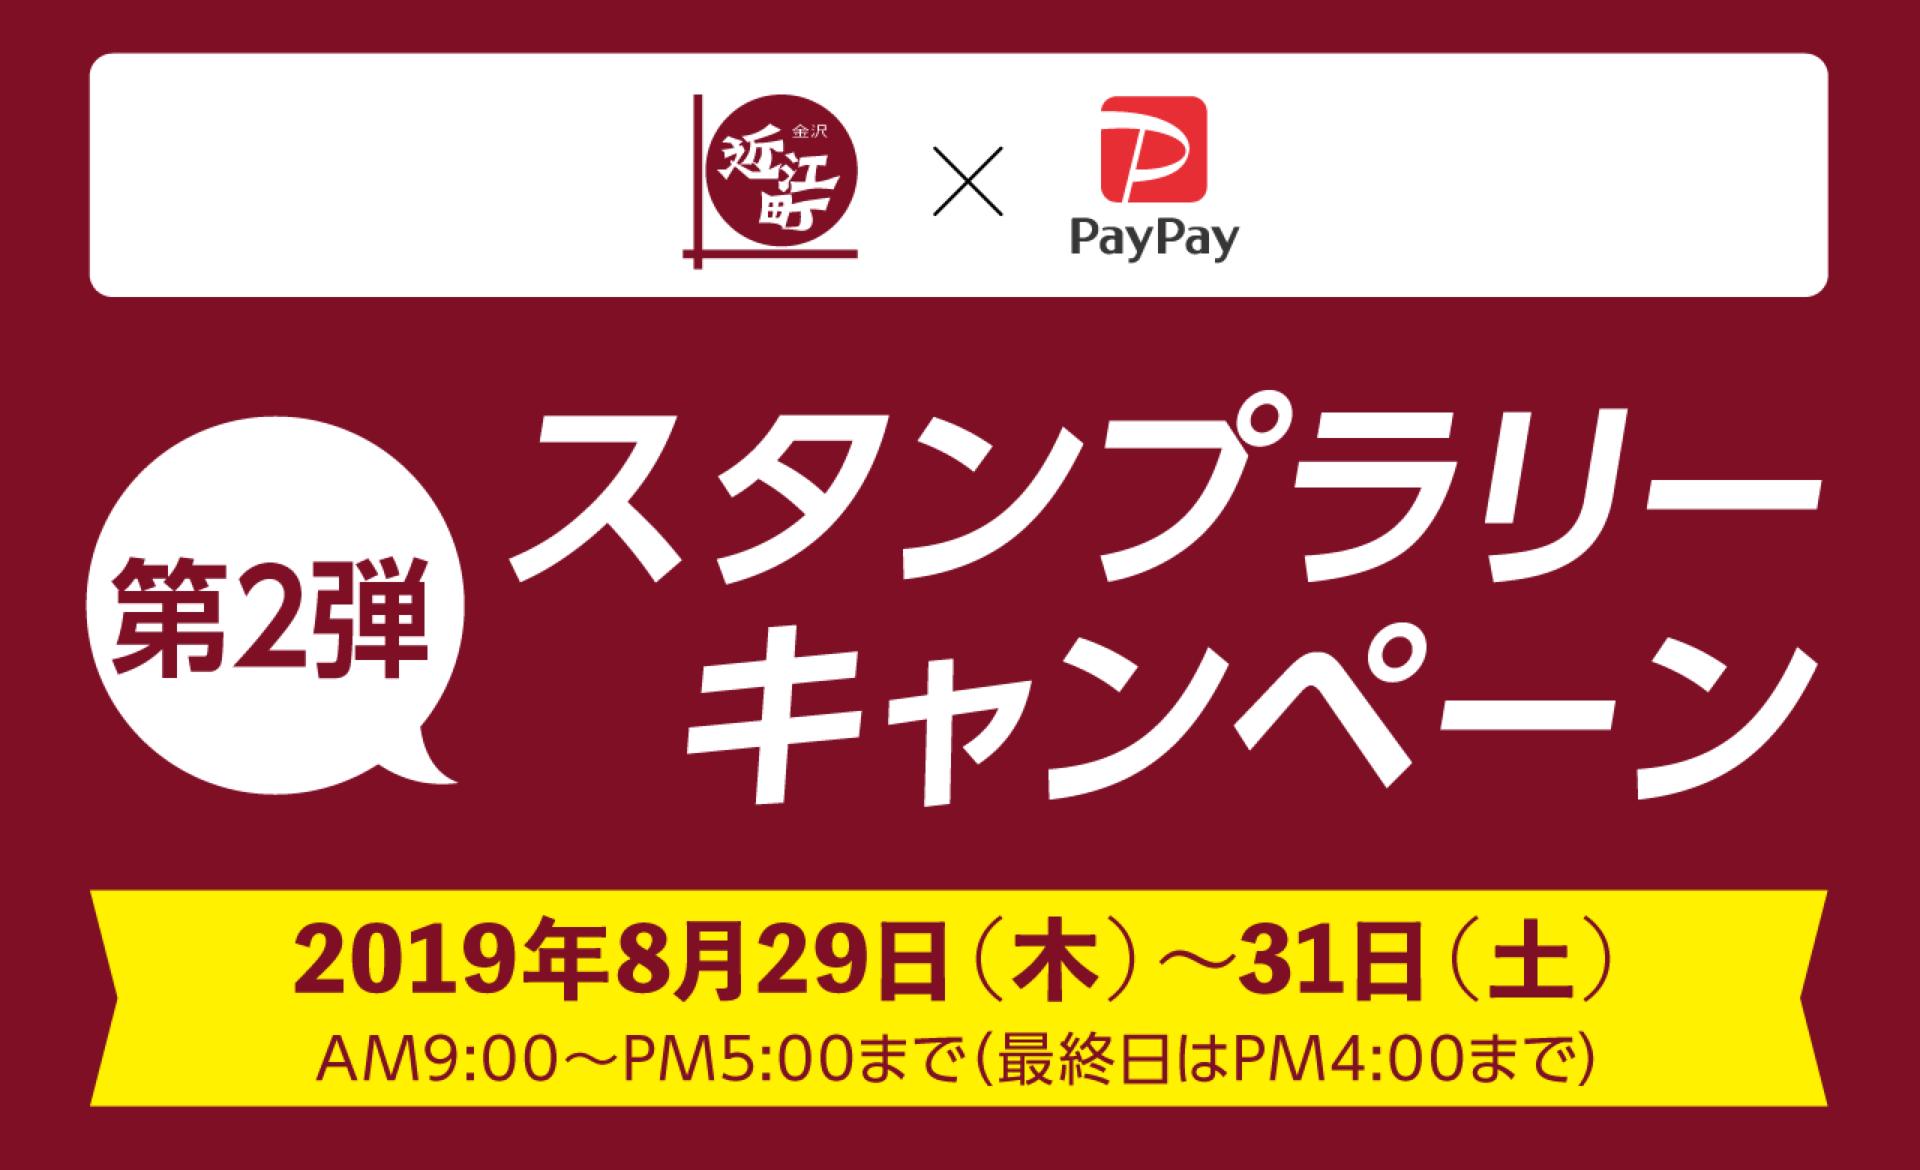 近江町市場×PayPay 第2弾スタンプラリーキャンペーン